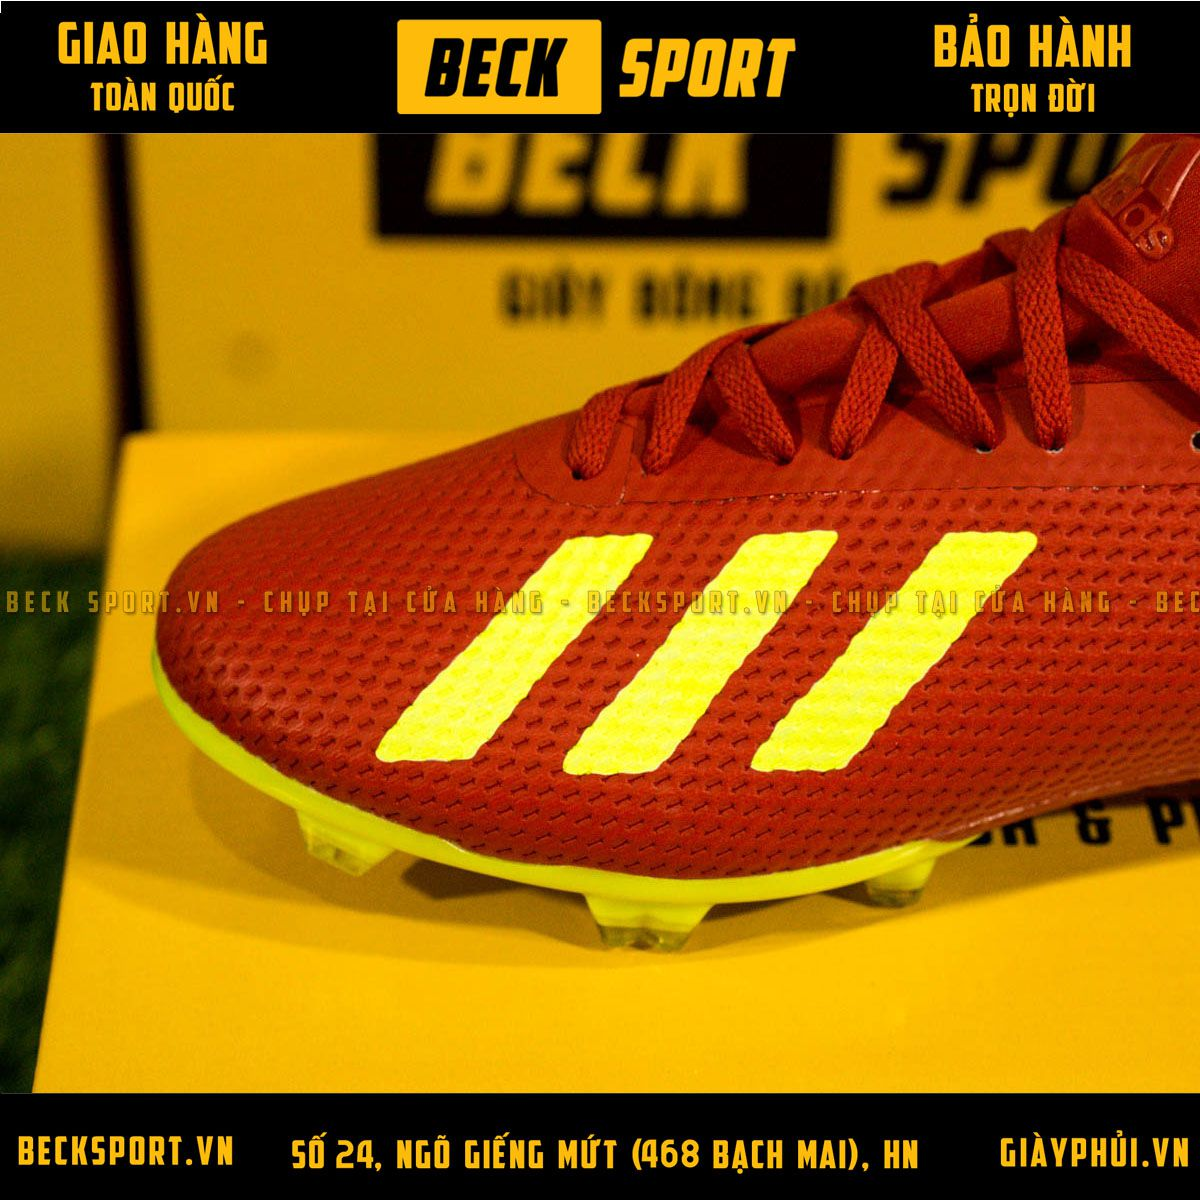 Giày Bóng Đá Adidas 18.3 Đỏ Vạch Chuối FG